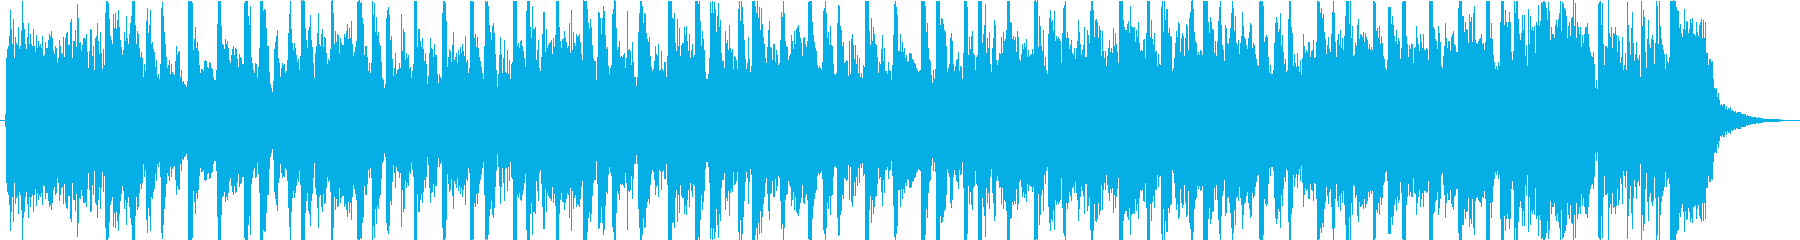 明るく楽しいビンテージブルースロックミュの再生済みの波形